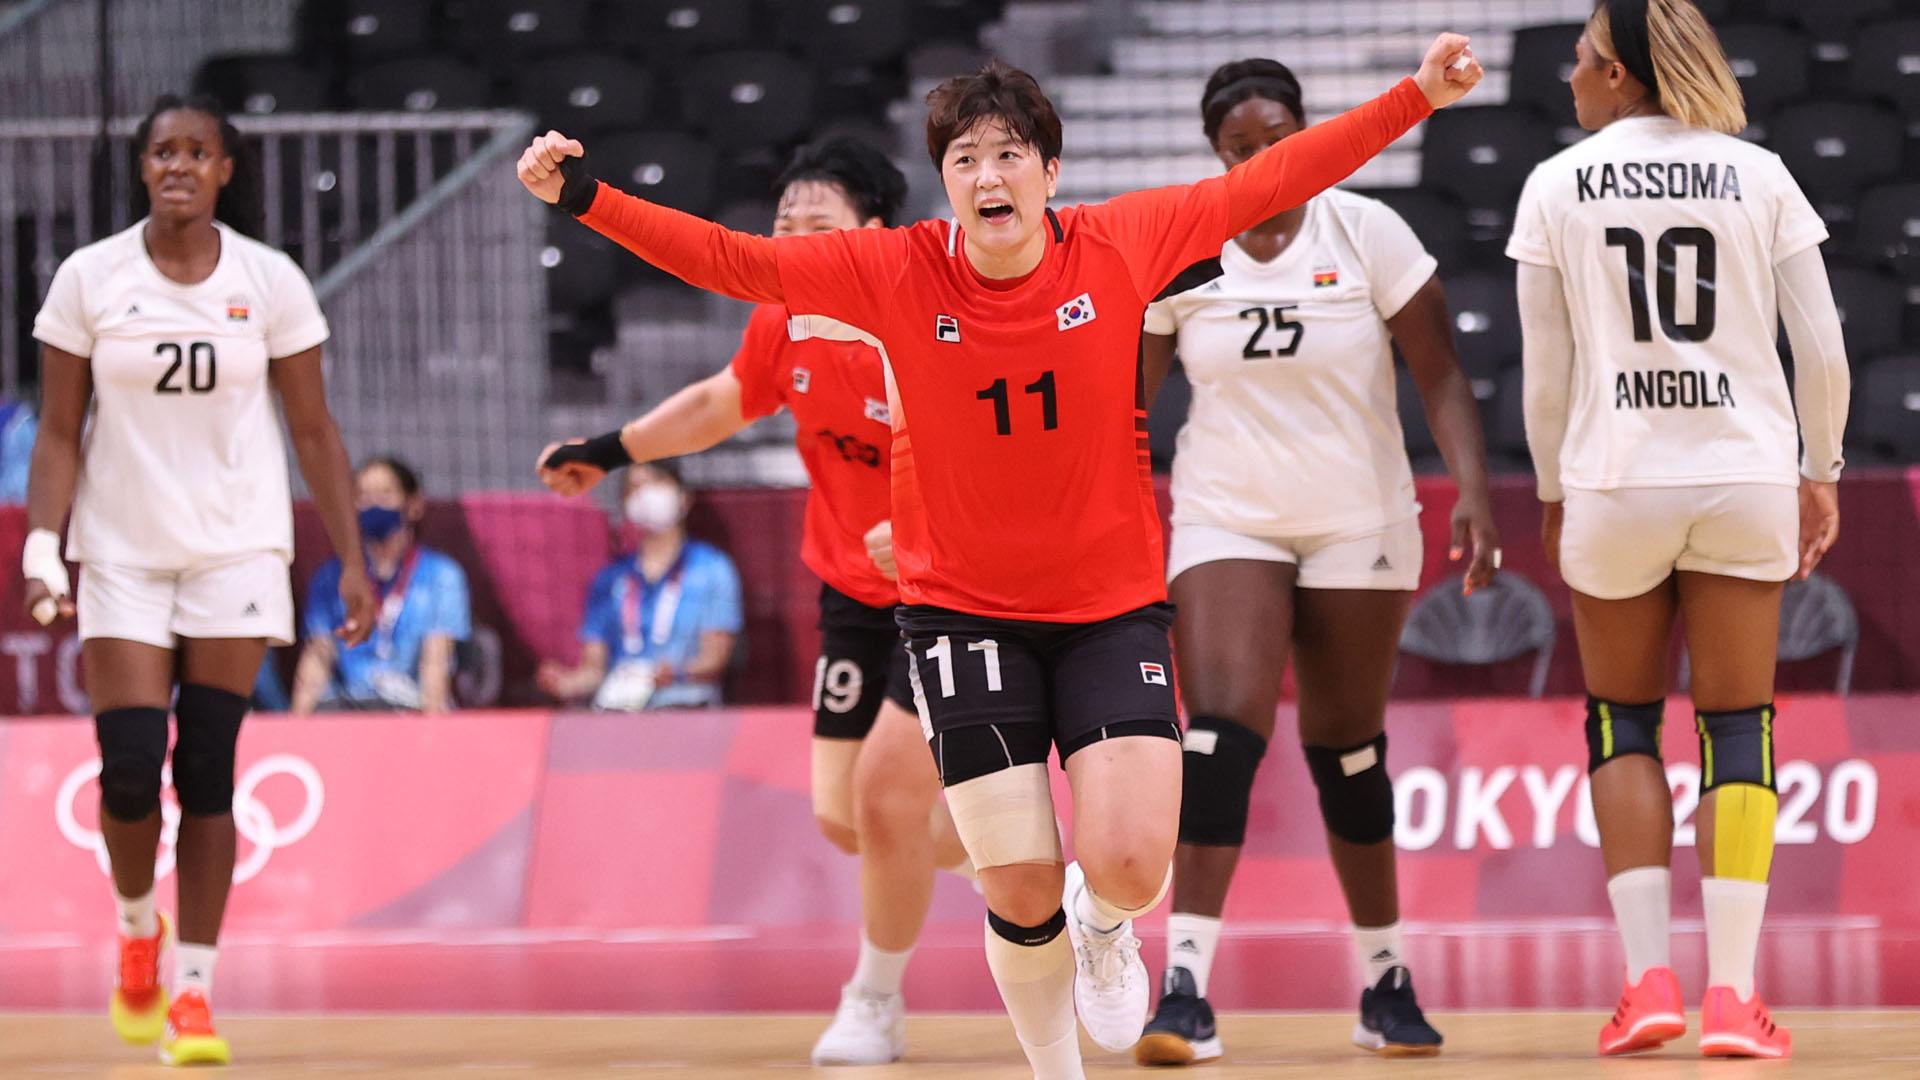 여자 핸드볼, 앙골라와 무승부…8강행 불씨 살려